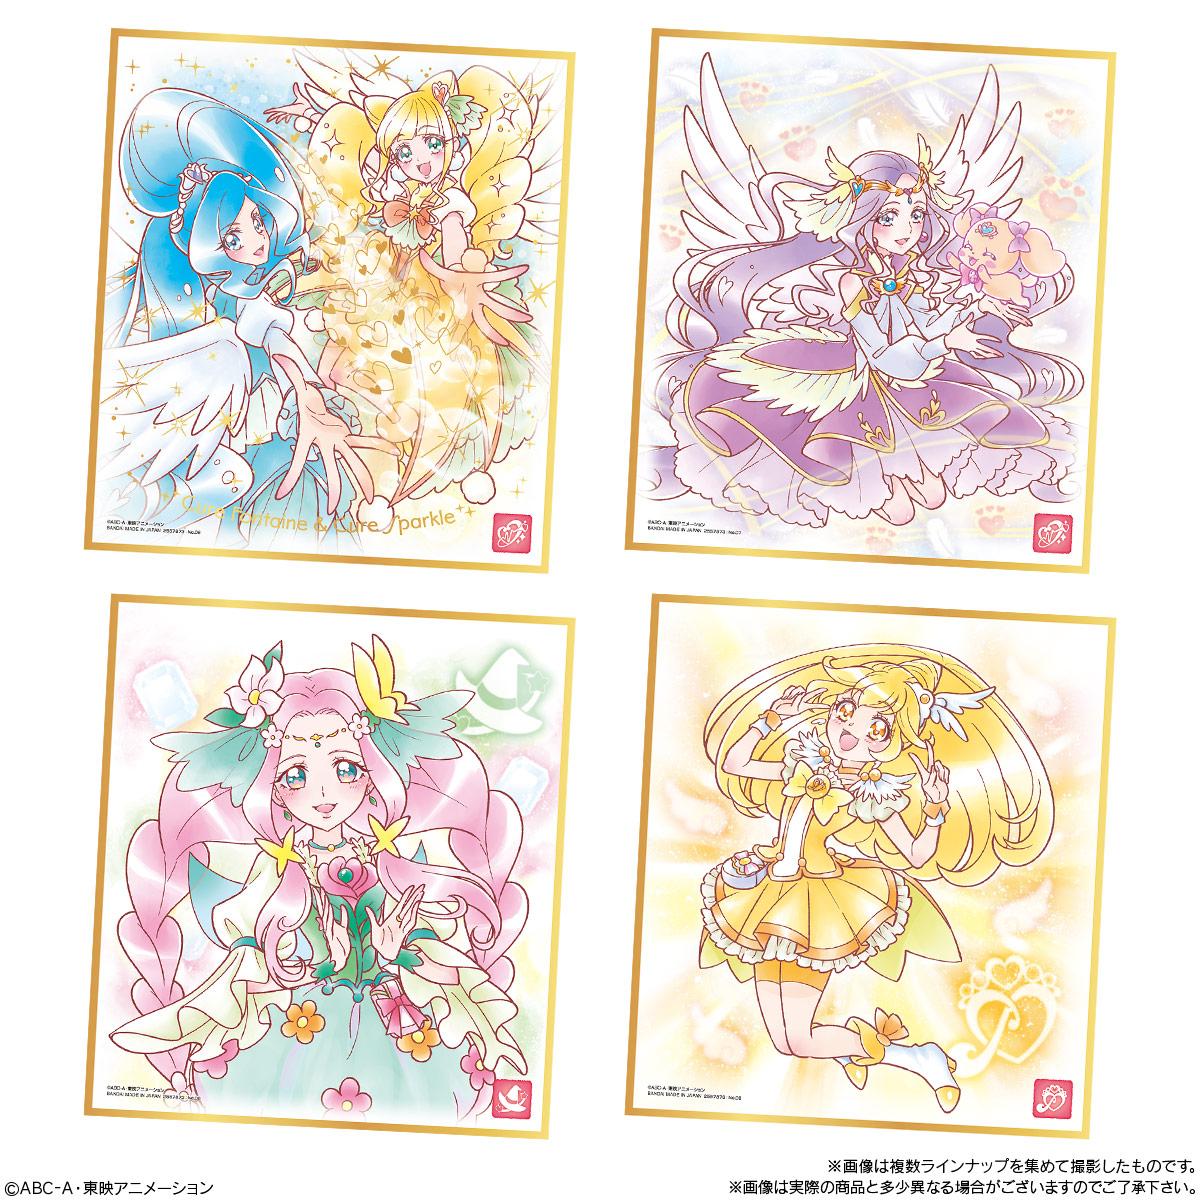 【食玩】プリキュア『プリキュア色紙ART4』10個入りBOX-004